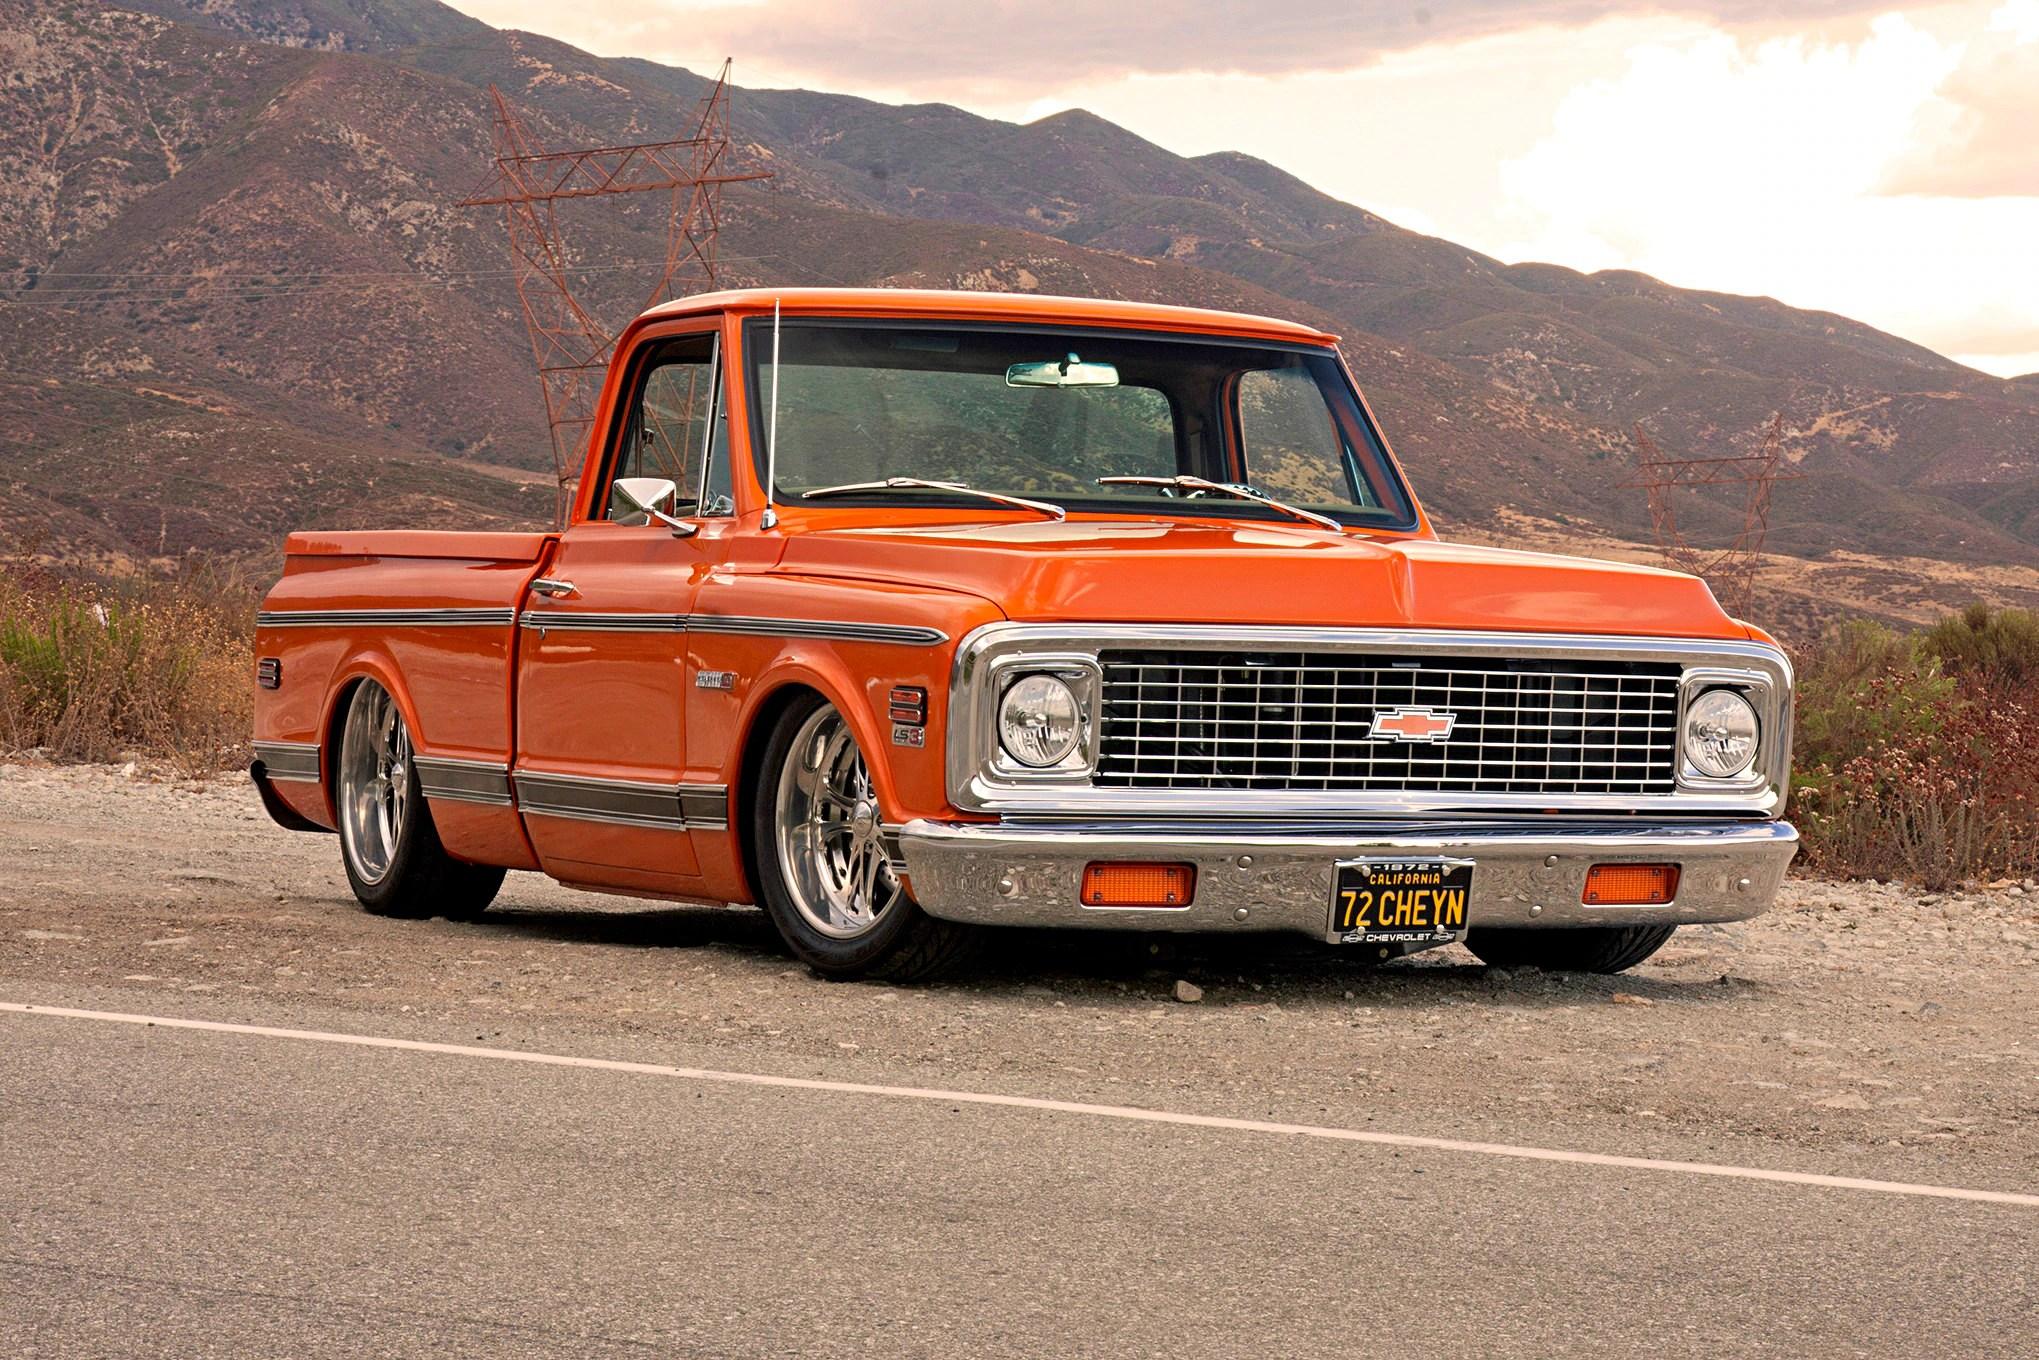 1972 Chevrolet Truck Wiring Chevy Truck Rewire